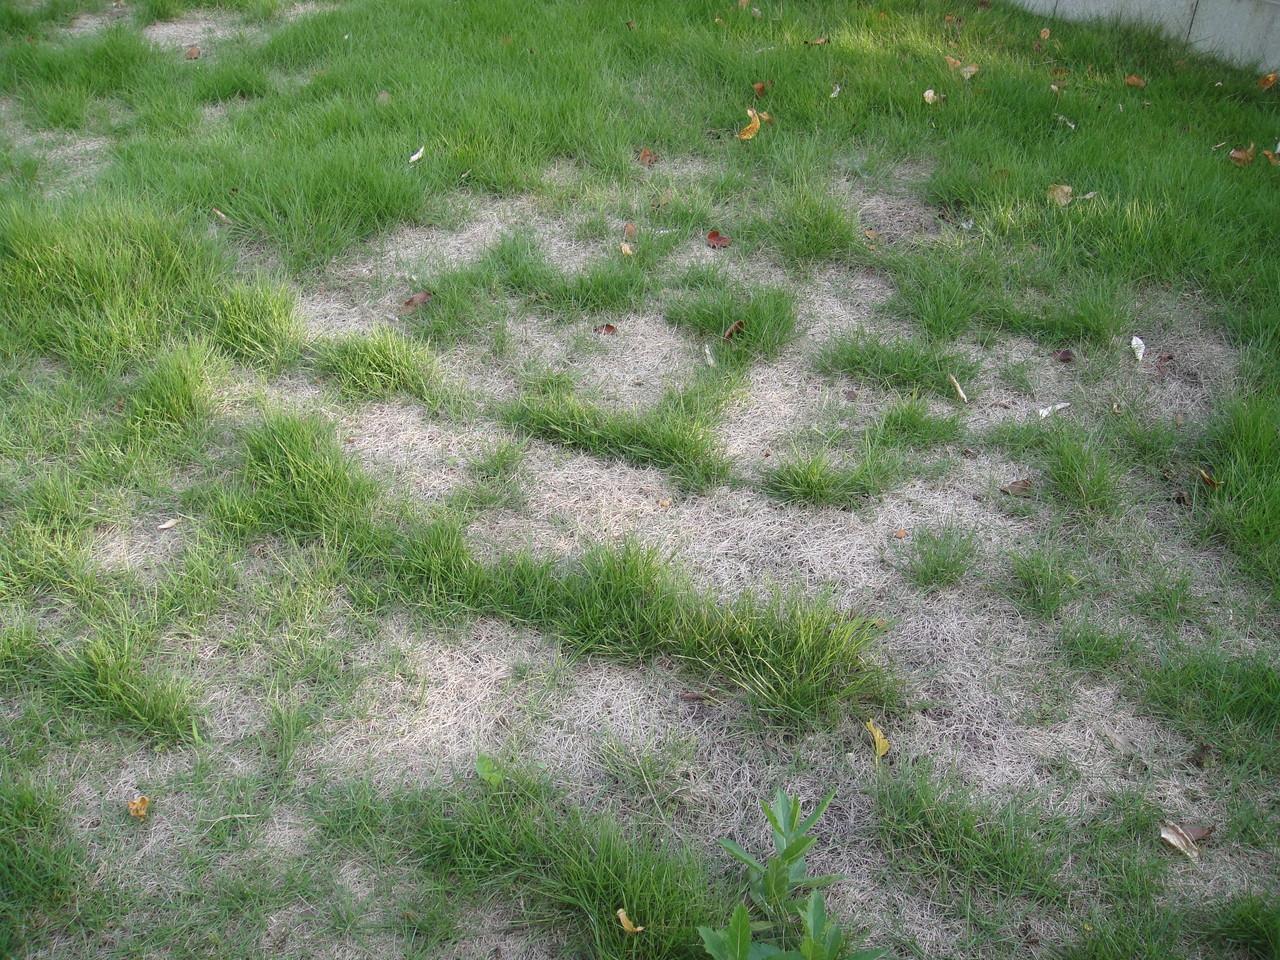 芝生もかなりの被害水くれが、間に合わなかったかなあ~